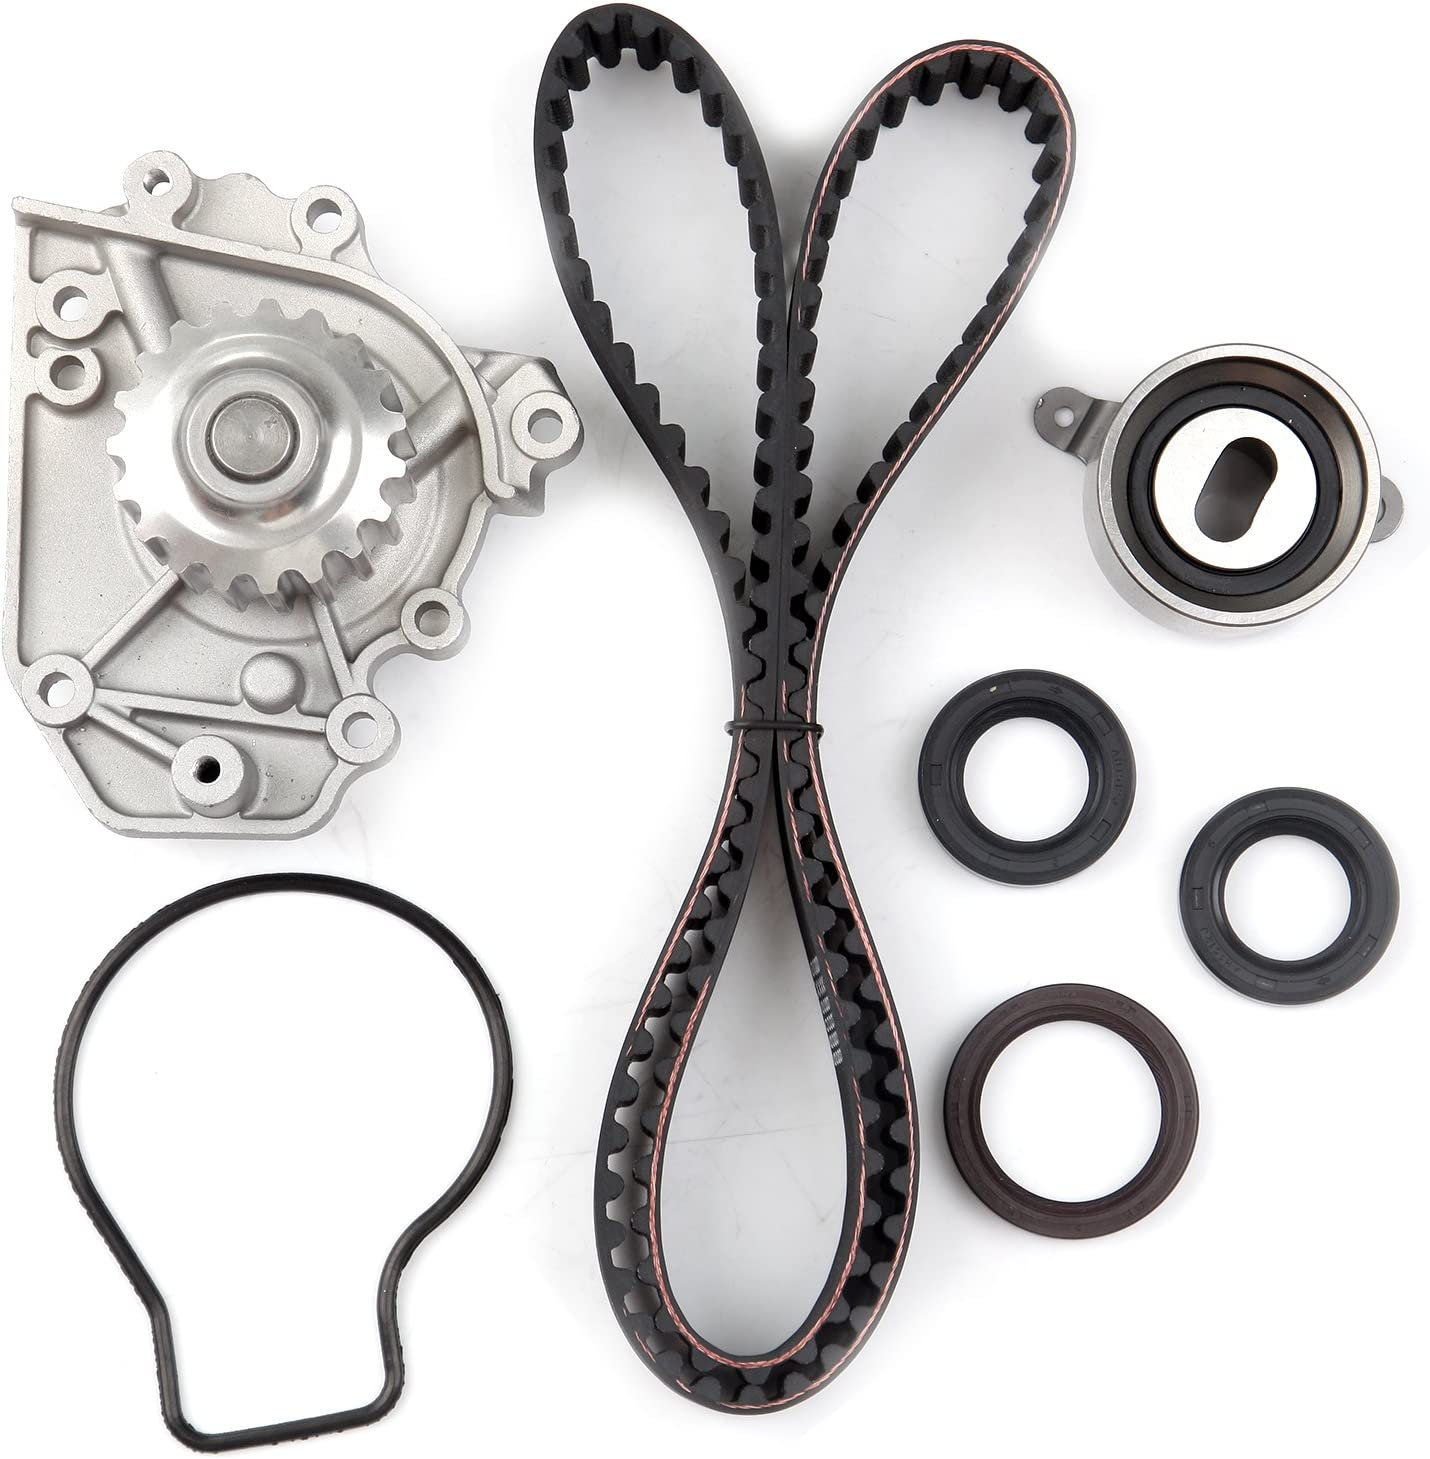 LUJUNTEC Timing Belt Kits for 1996-2001 Acura Integra 1997-2001 Honda CR-V